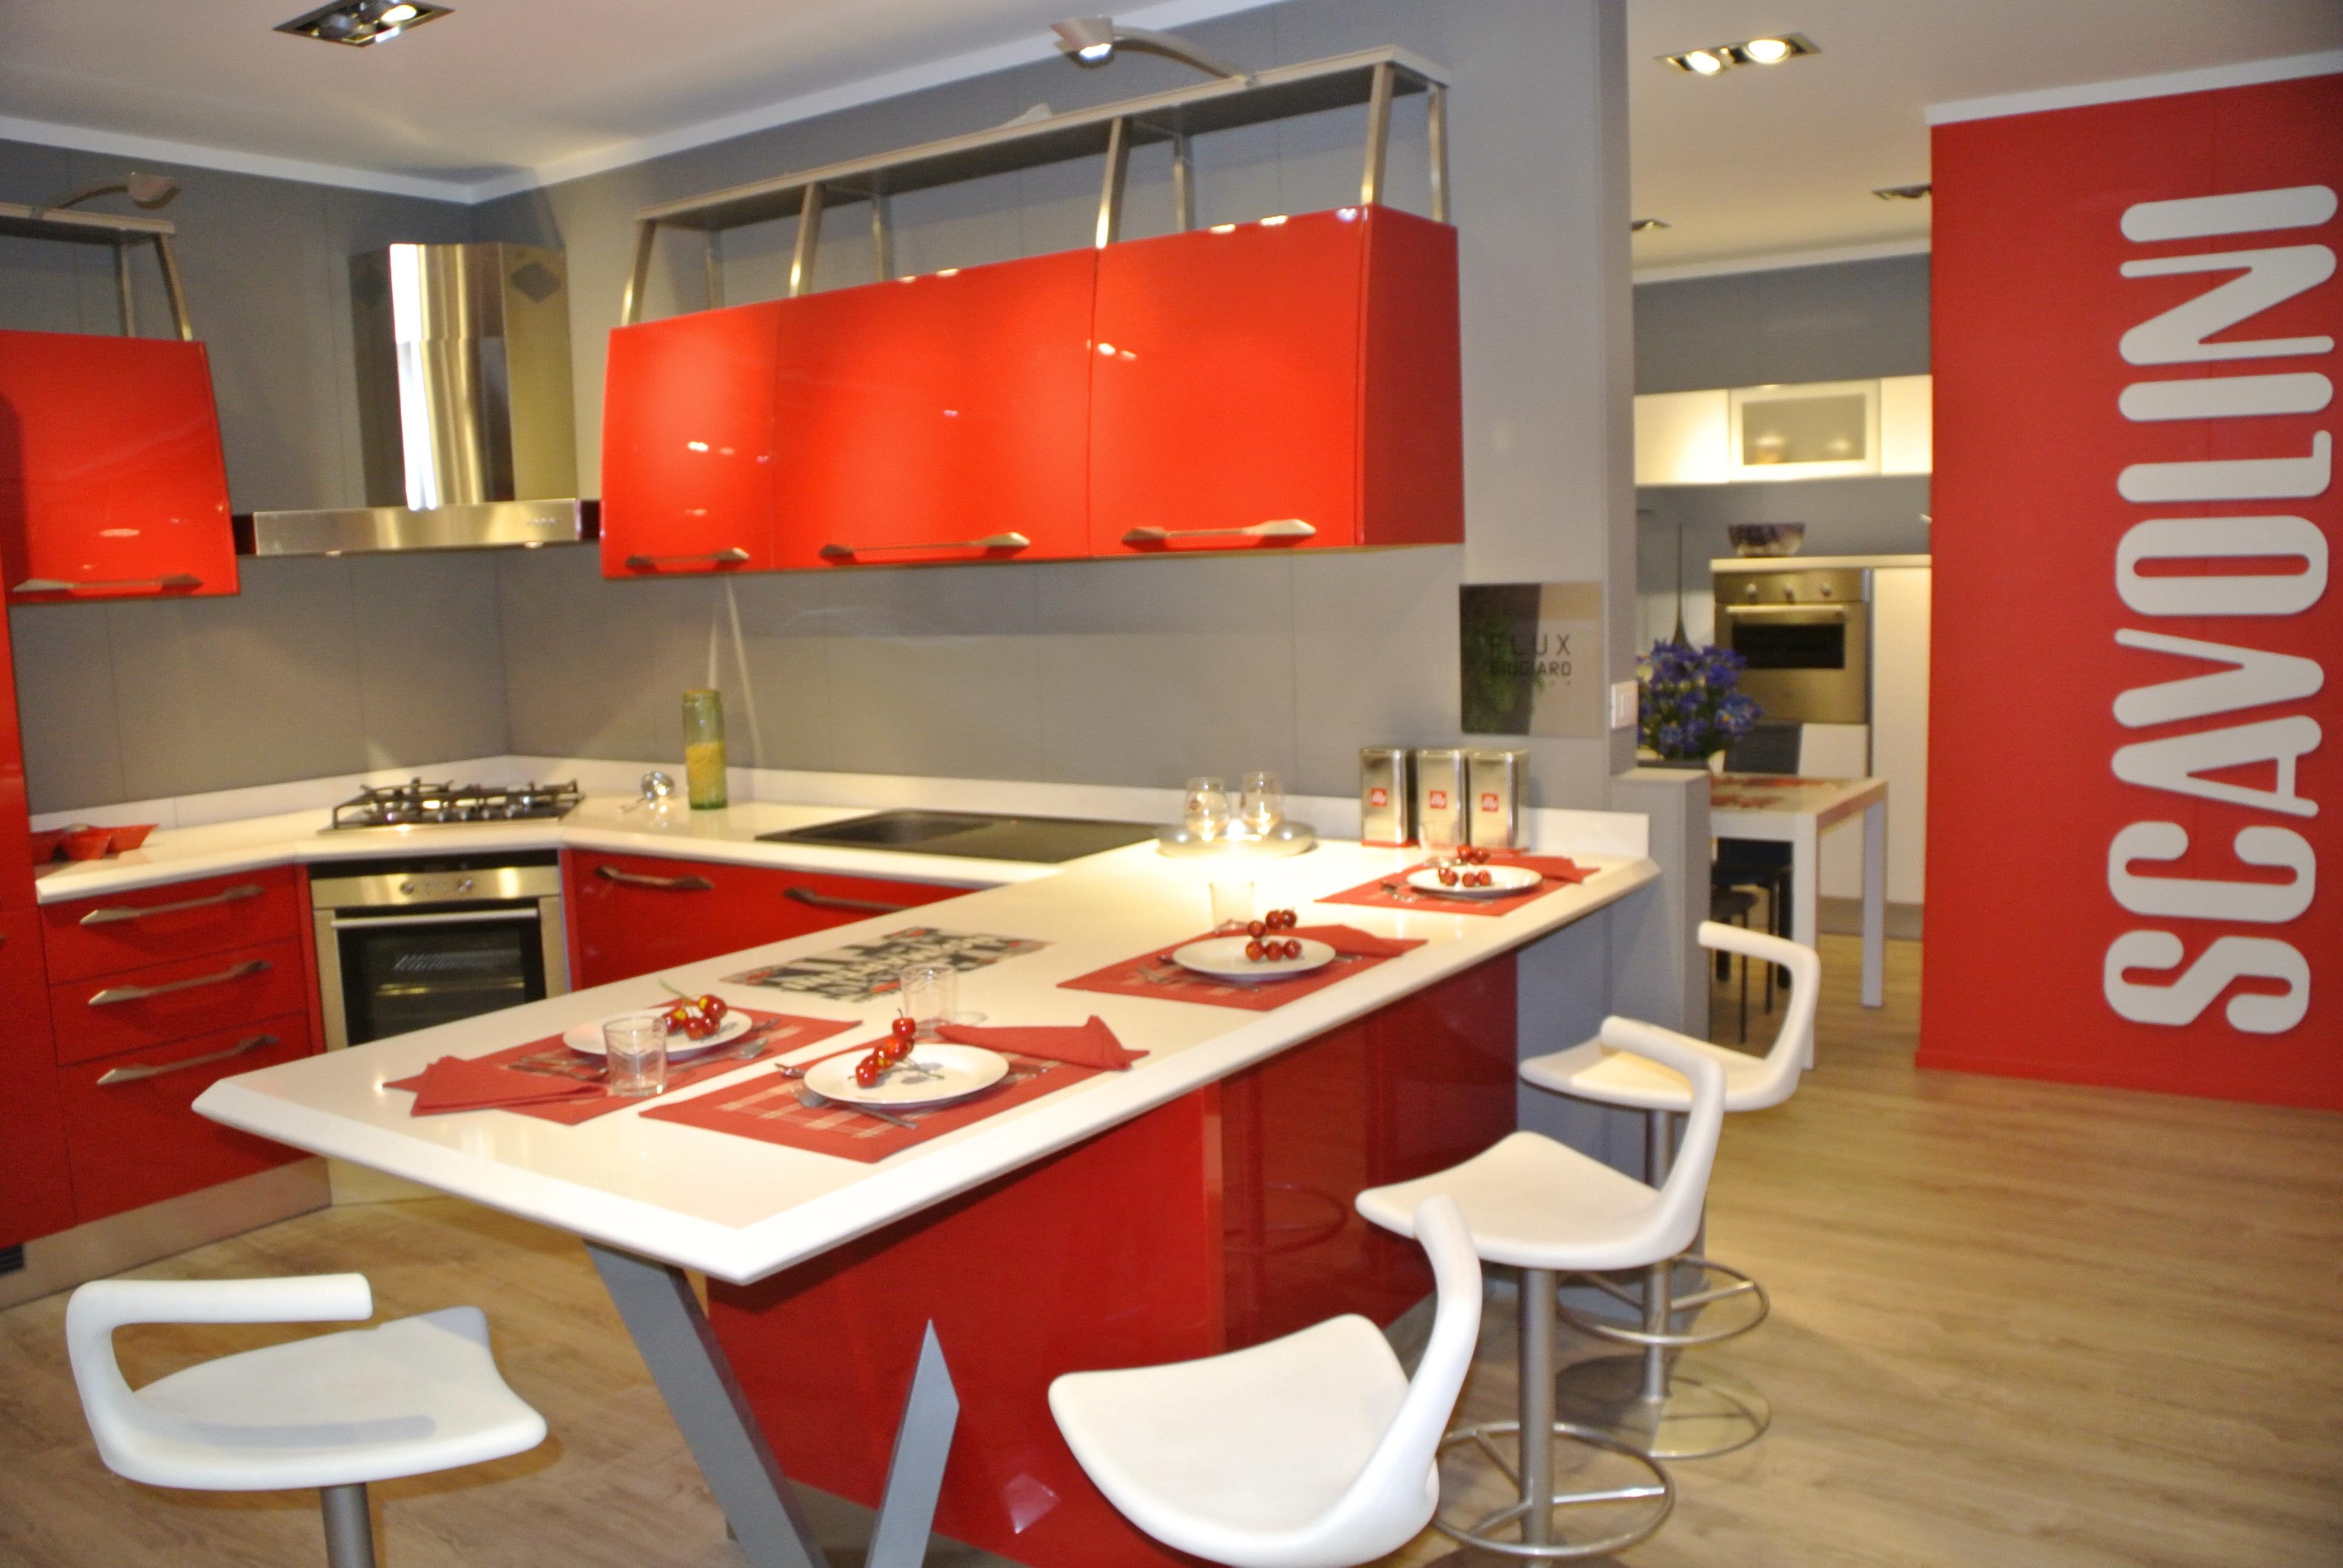 Image Result For Progetti Cucine In Muratura